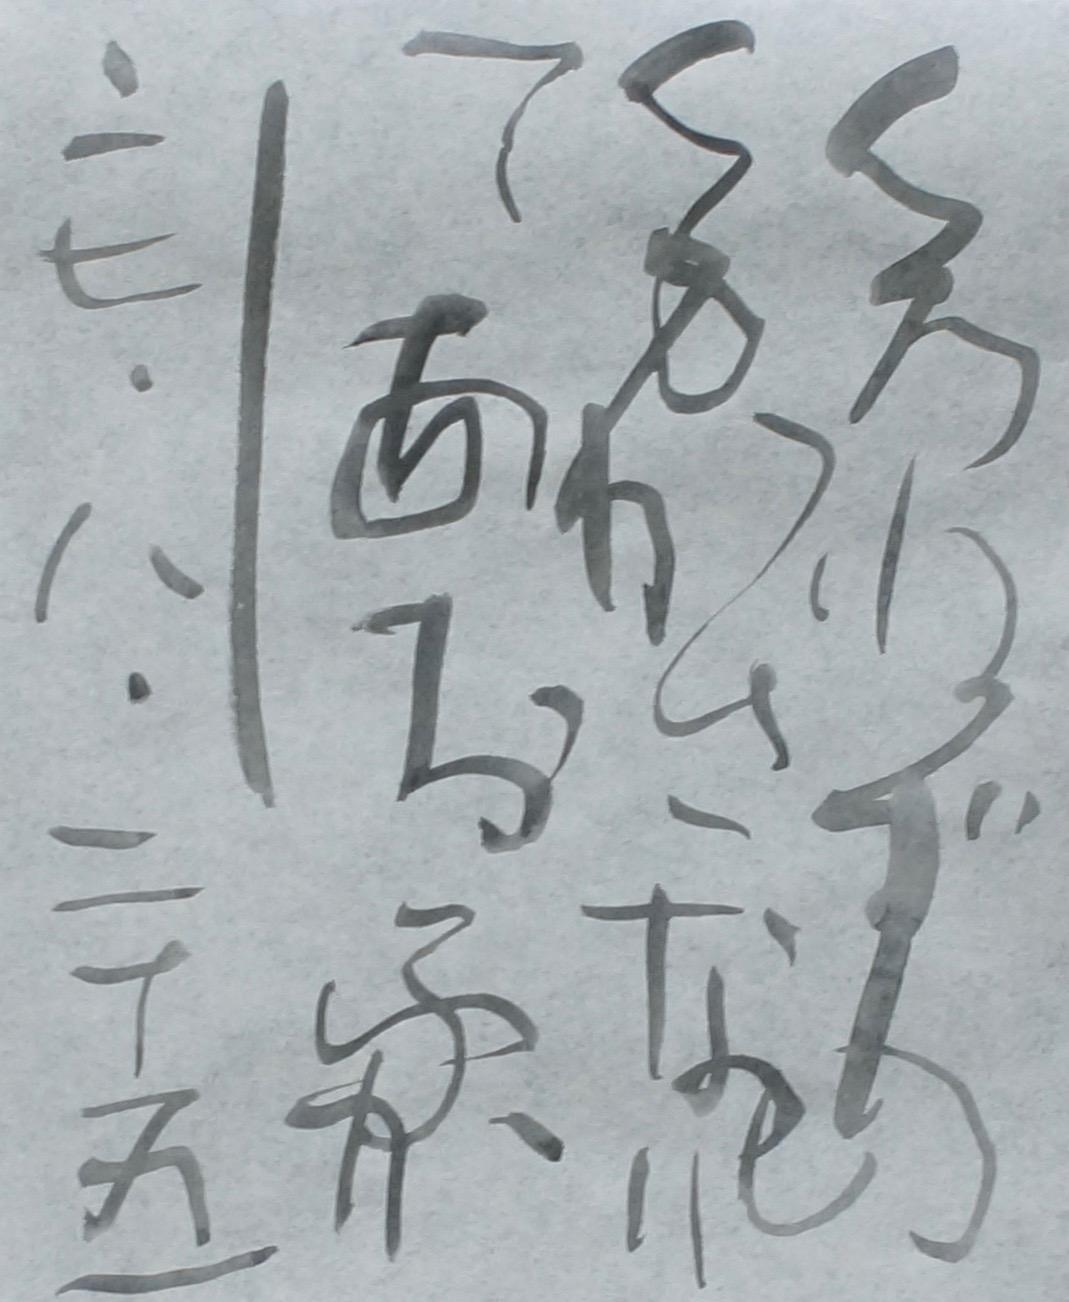 朝歌8月25日_c0169176_7373473.jpg